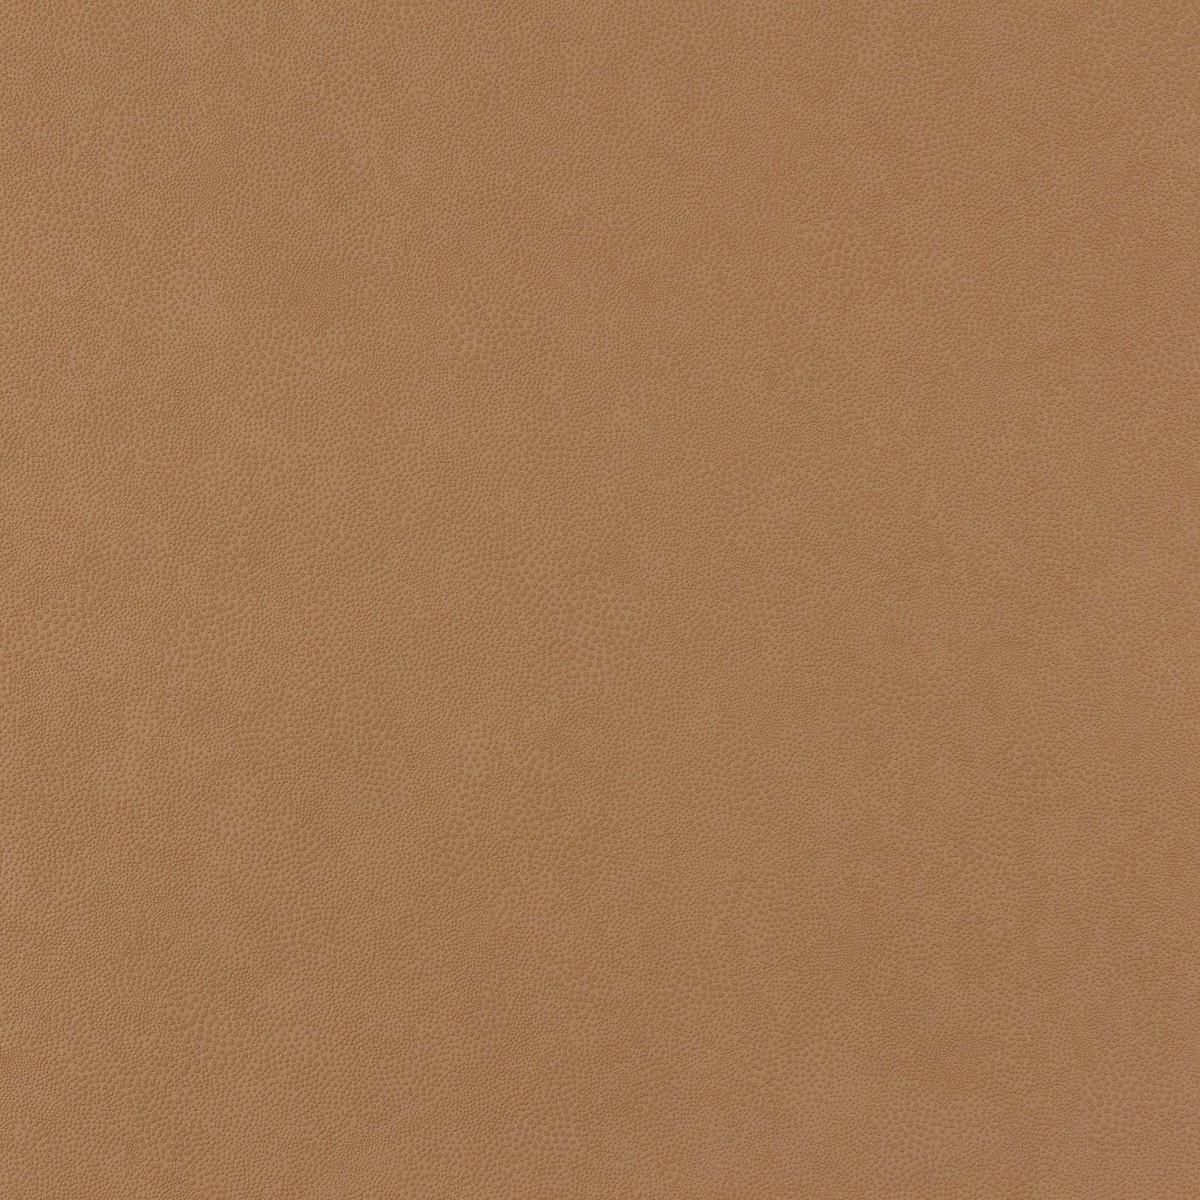 Wallpaper light brown